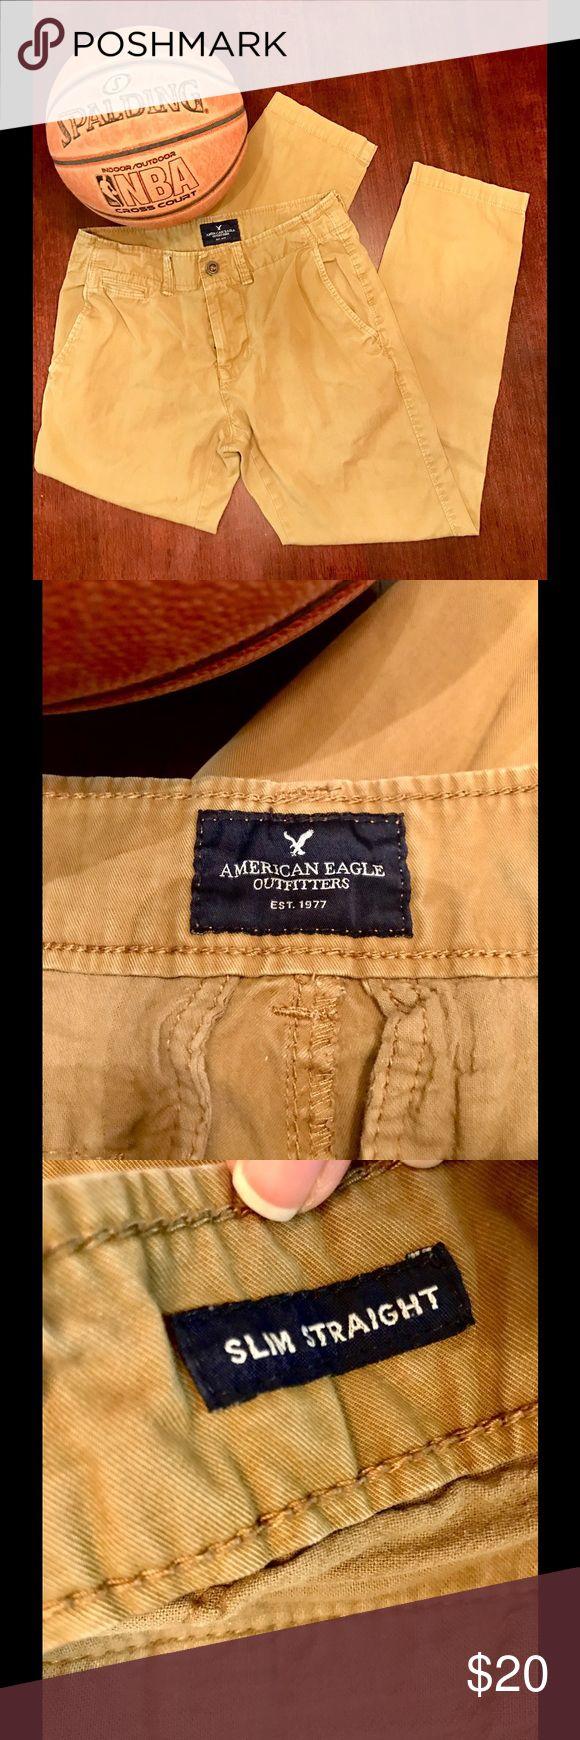 American Eagle 🦅 OutFitters American Eagle 🦅 OutFitters Men's Slim Chino Pants 28x30 American Eagle Outfitters Pants Chinos & Khakis